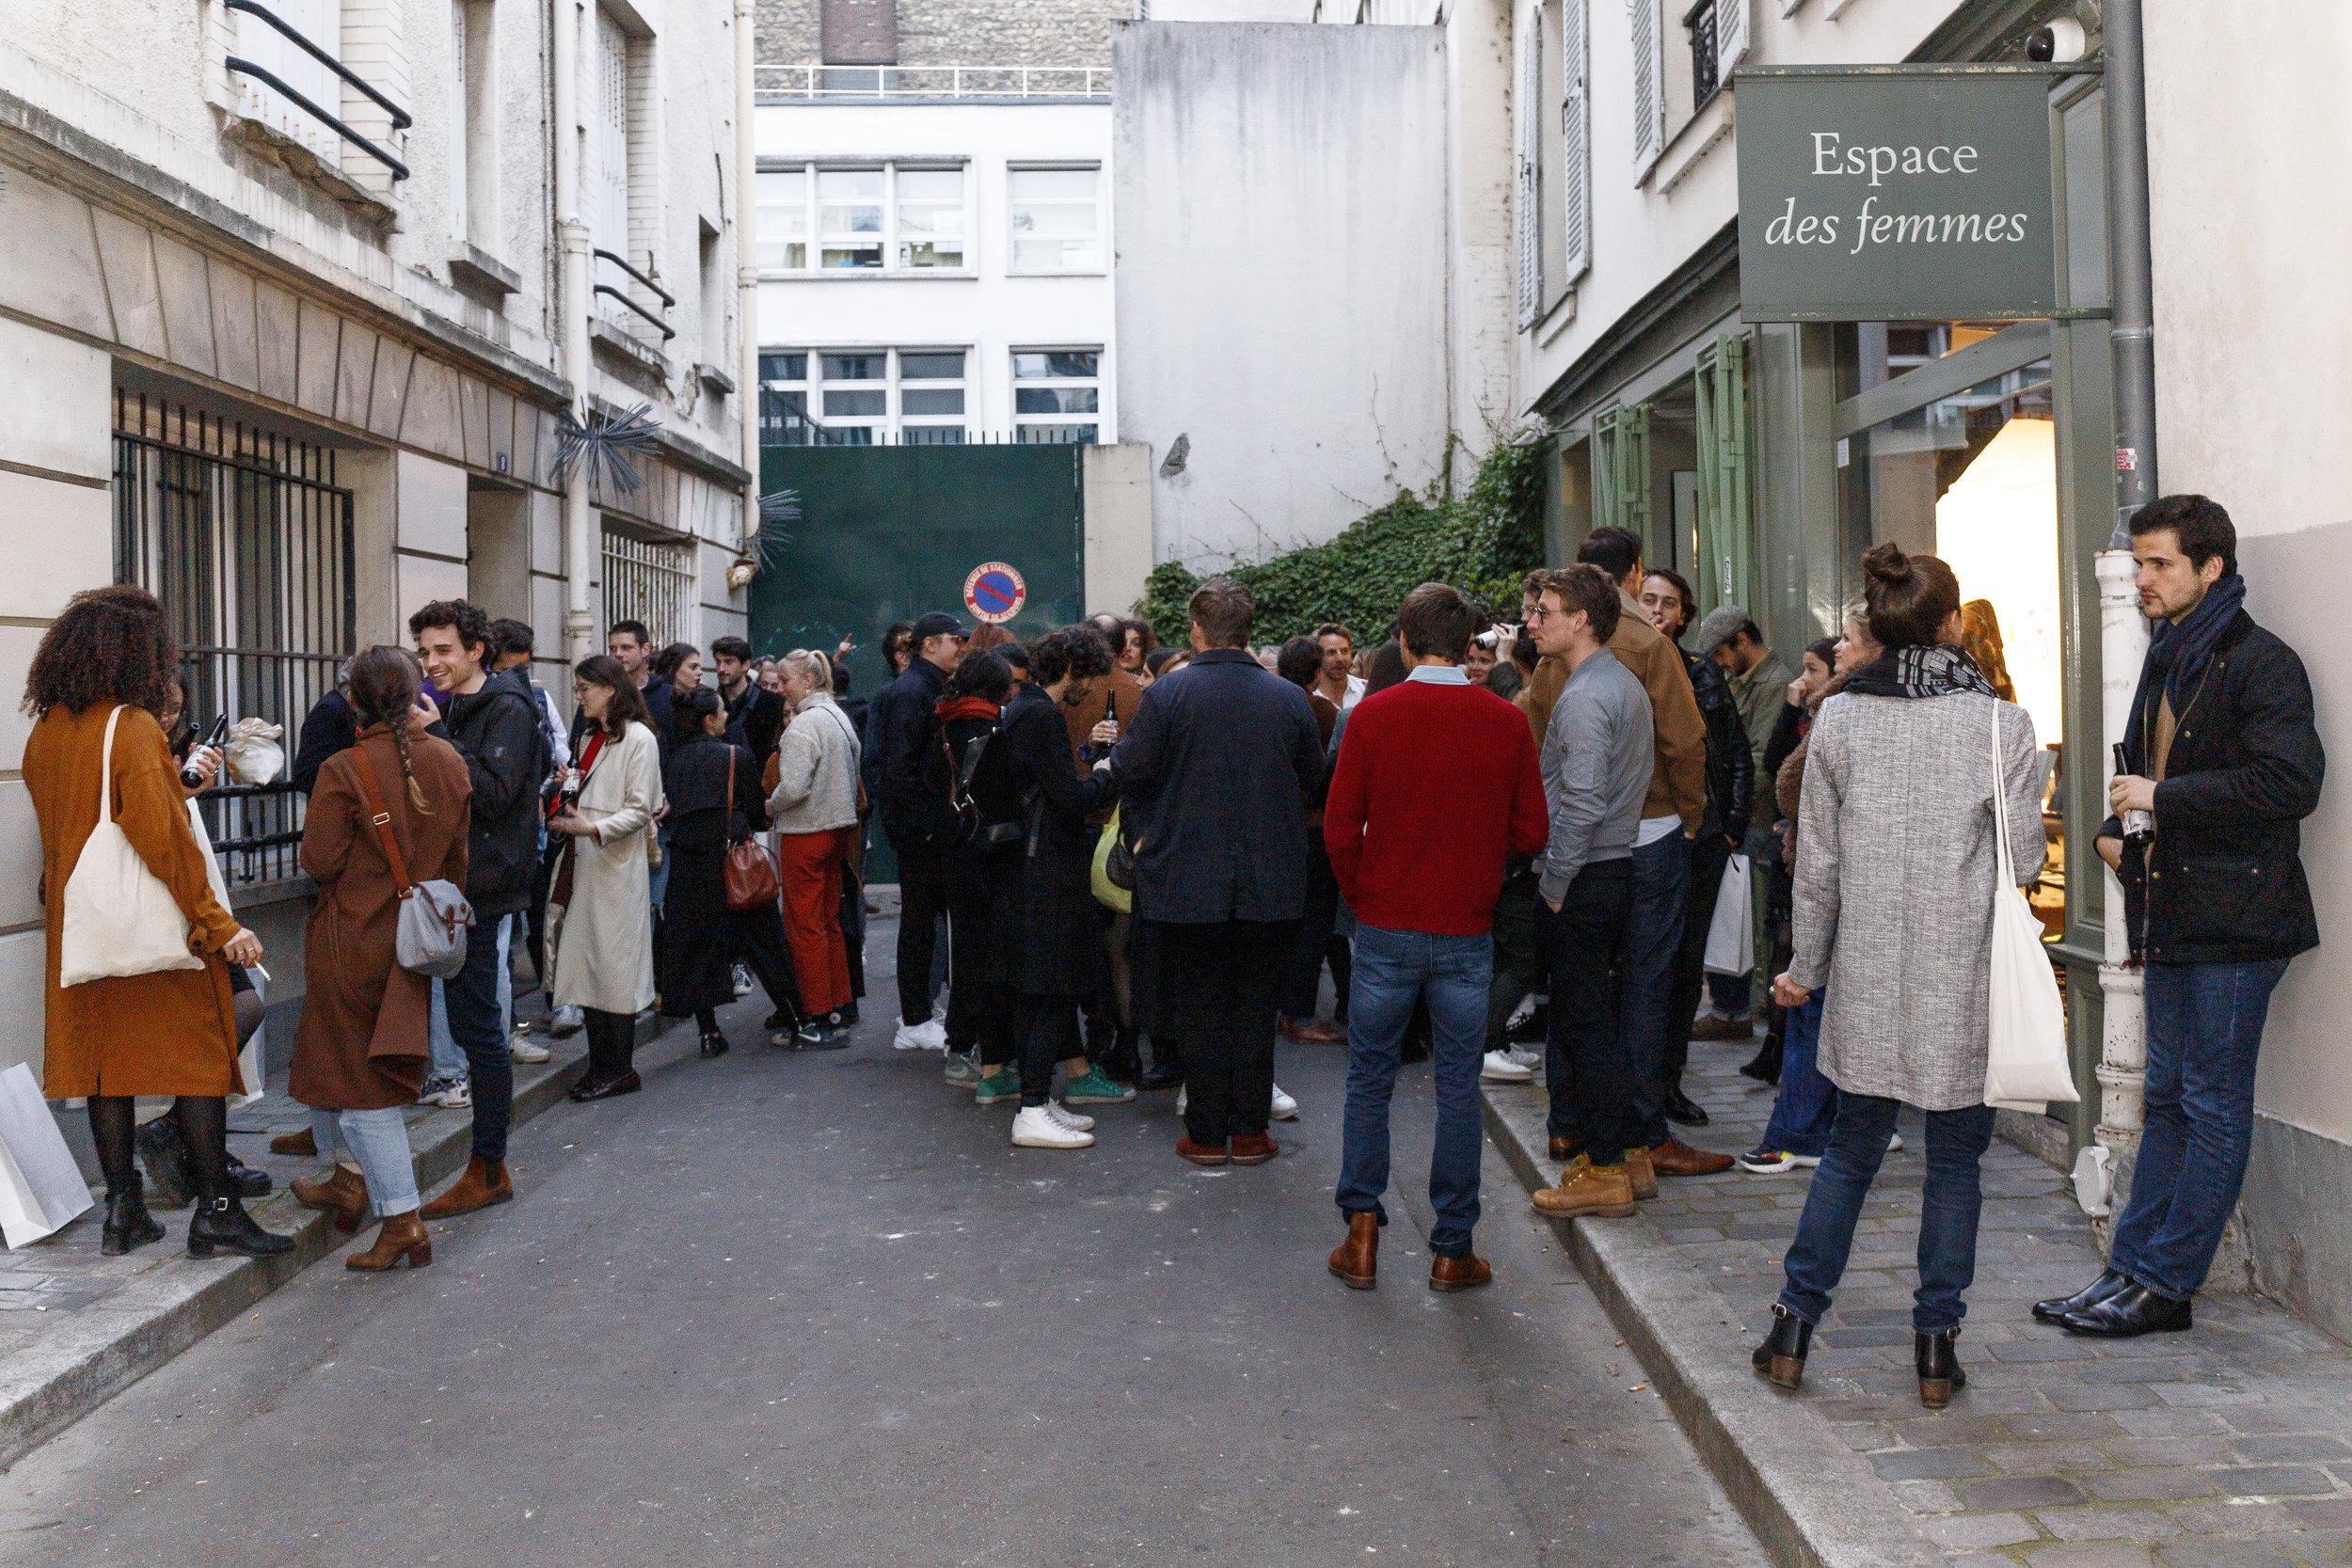 Espace des femmes, Paris 7e